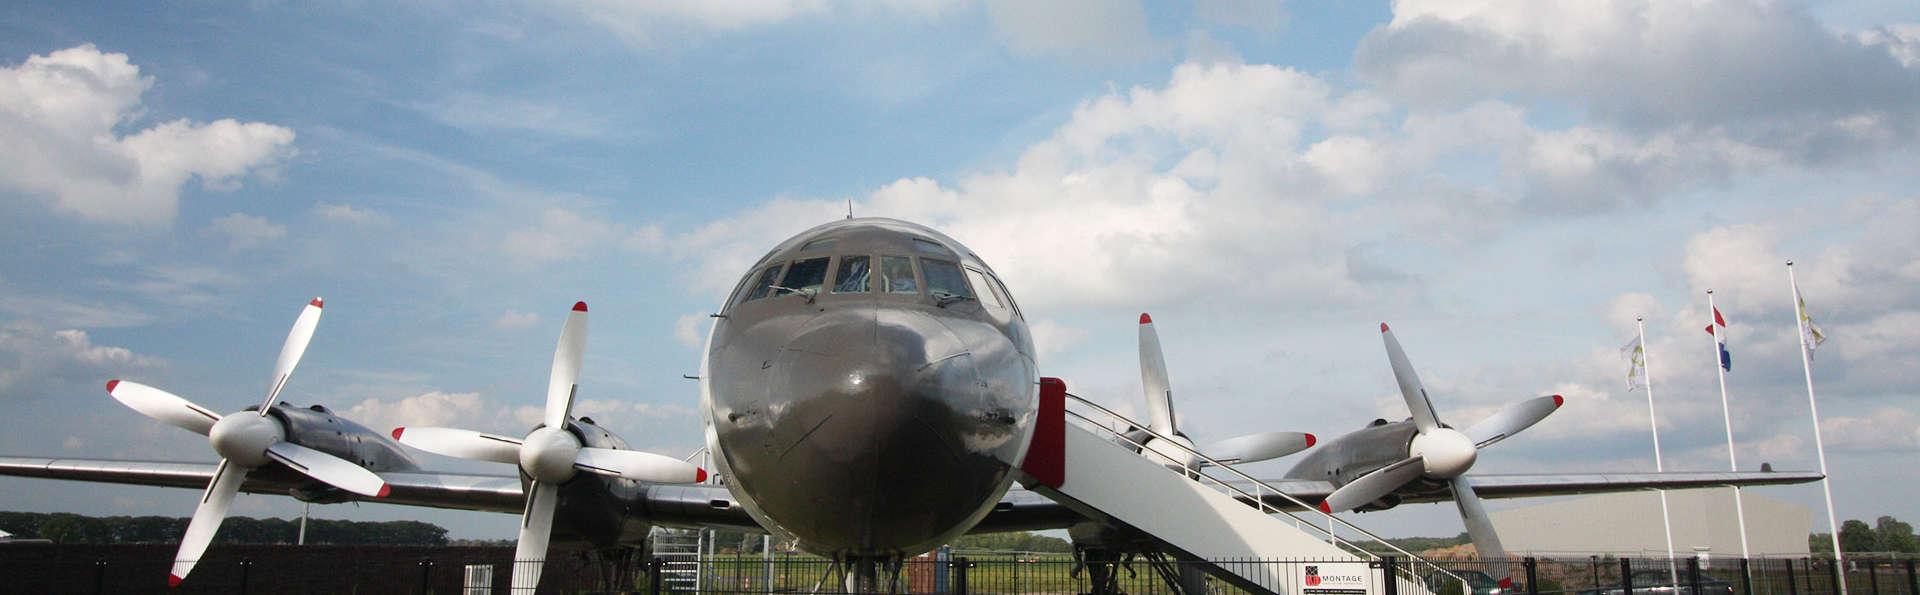 Vliegtuigsuite - EDIT_FRONT_01.jpg